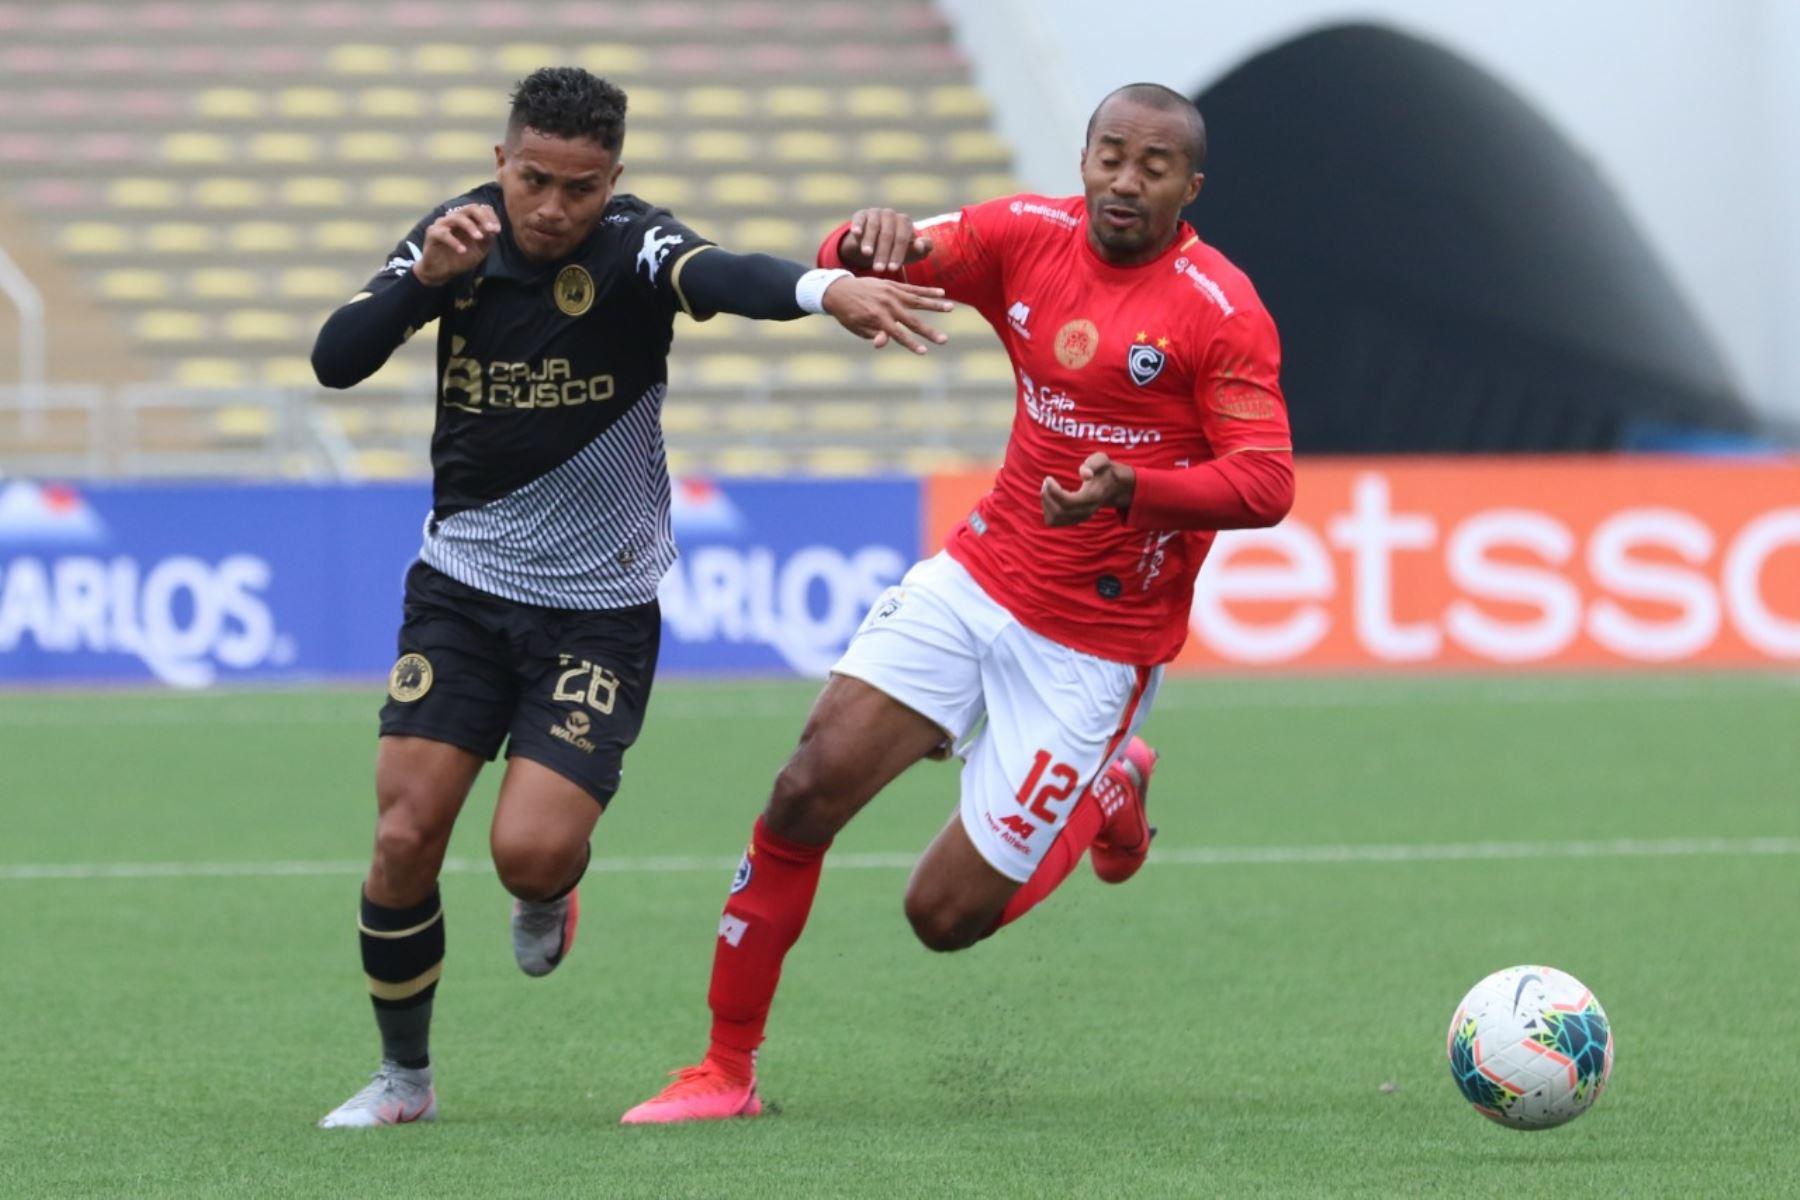 Cienciano y Cusco F.C. se enfrentan por la fecha 12 del Torneo Apertura. El encuentro se realiza en el estadio de San Marcos. Foto: Liga 1